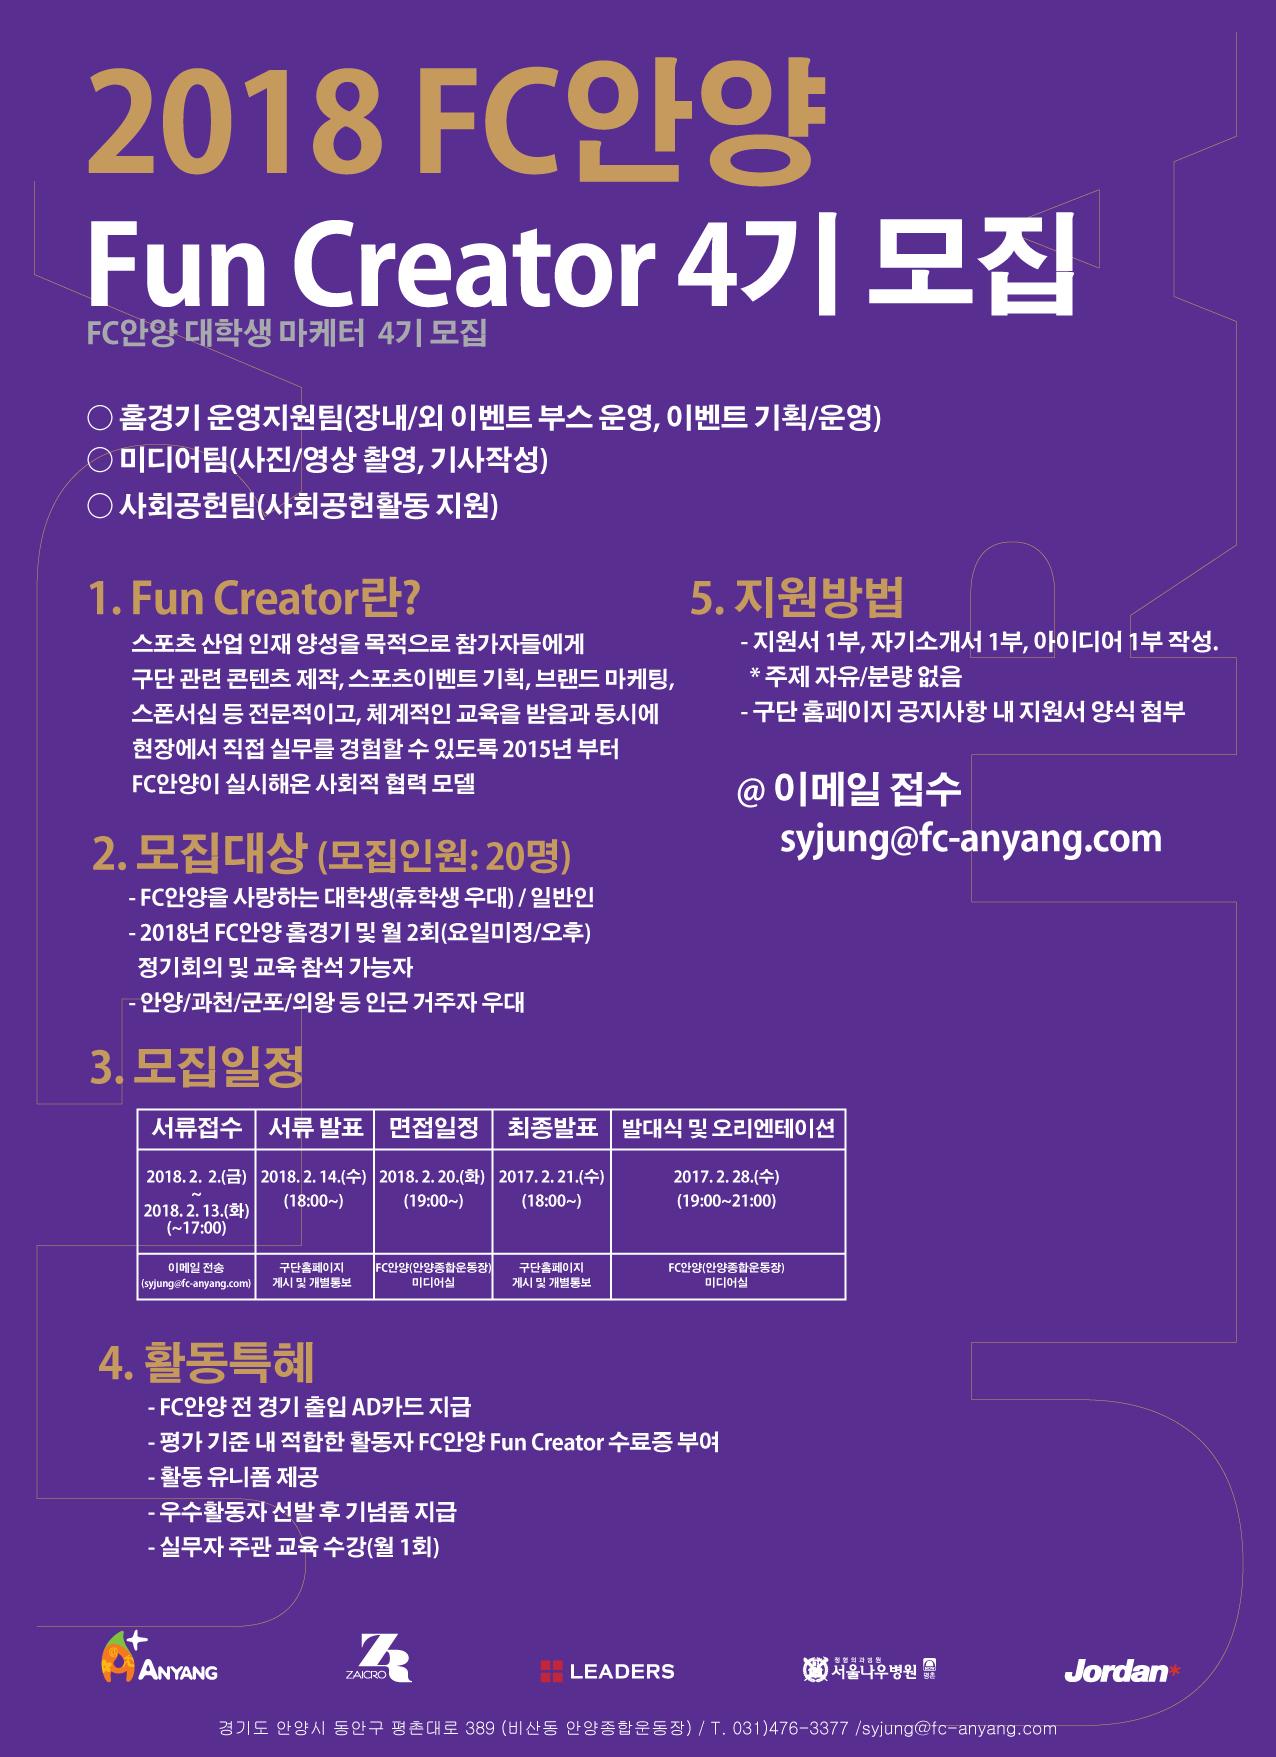 FC안양, 스포츠산업인재과정 2018 펀 크리에이터 모집